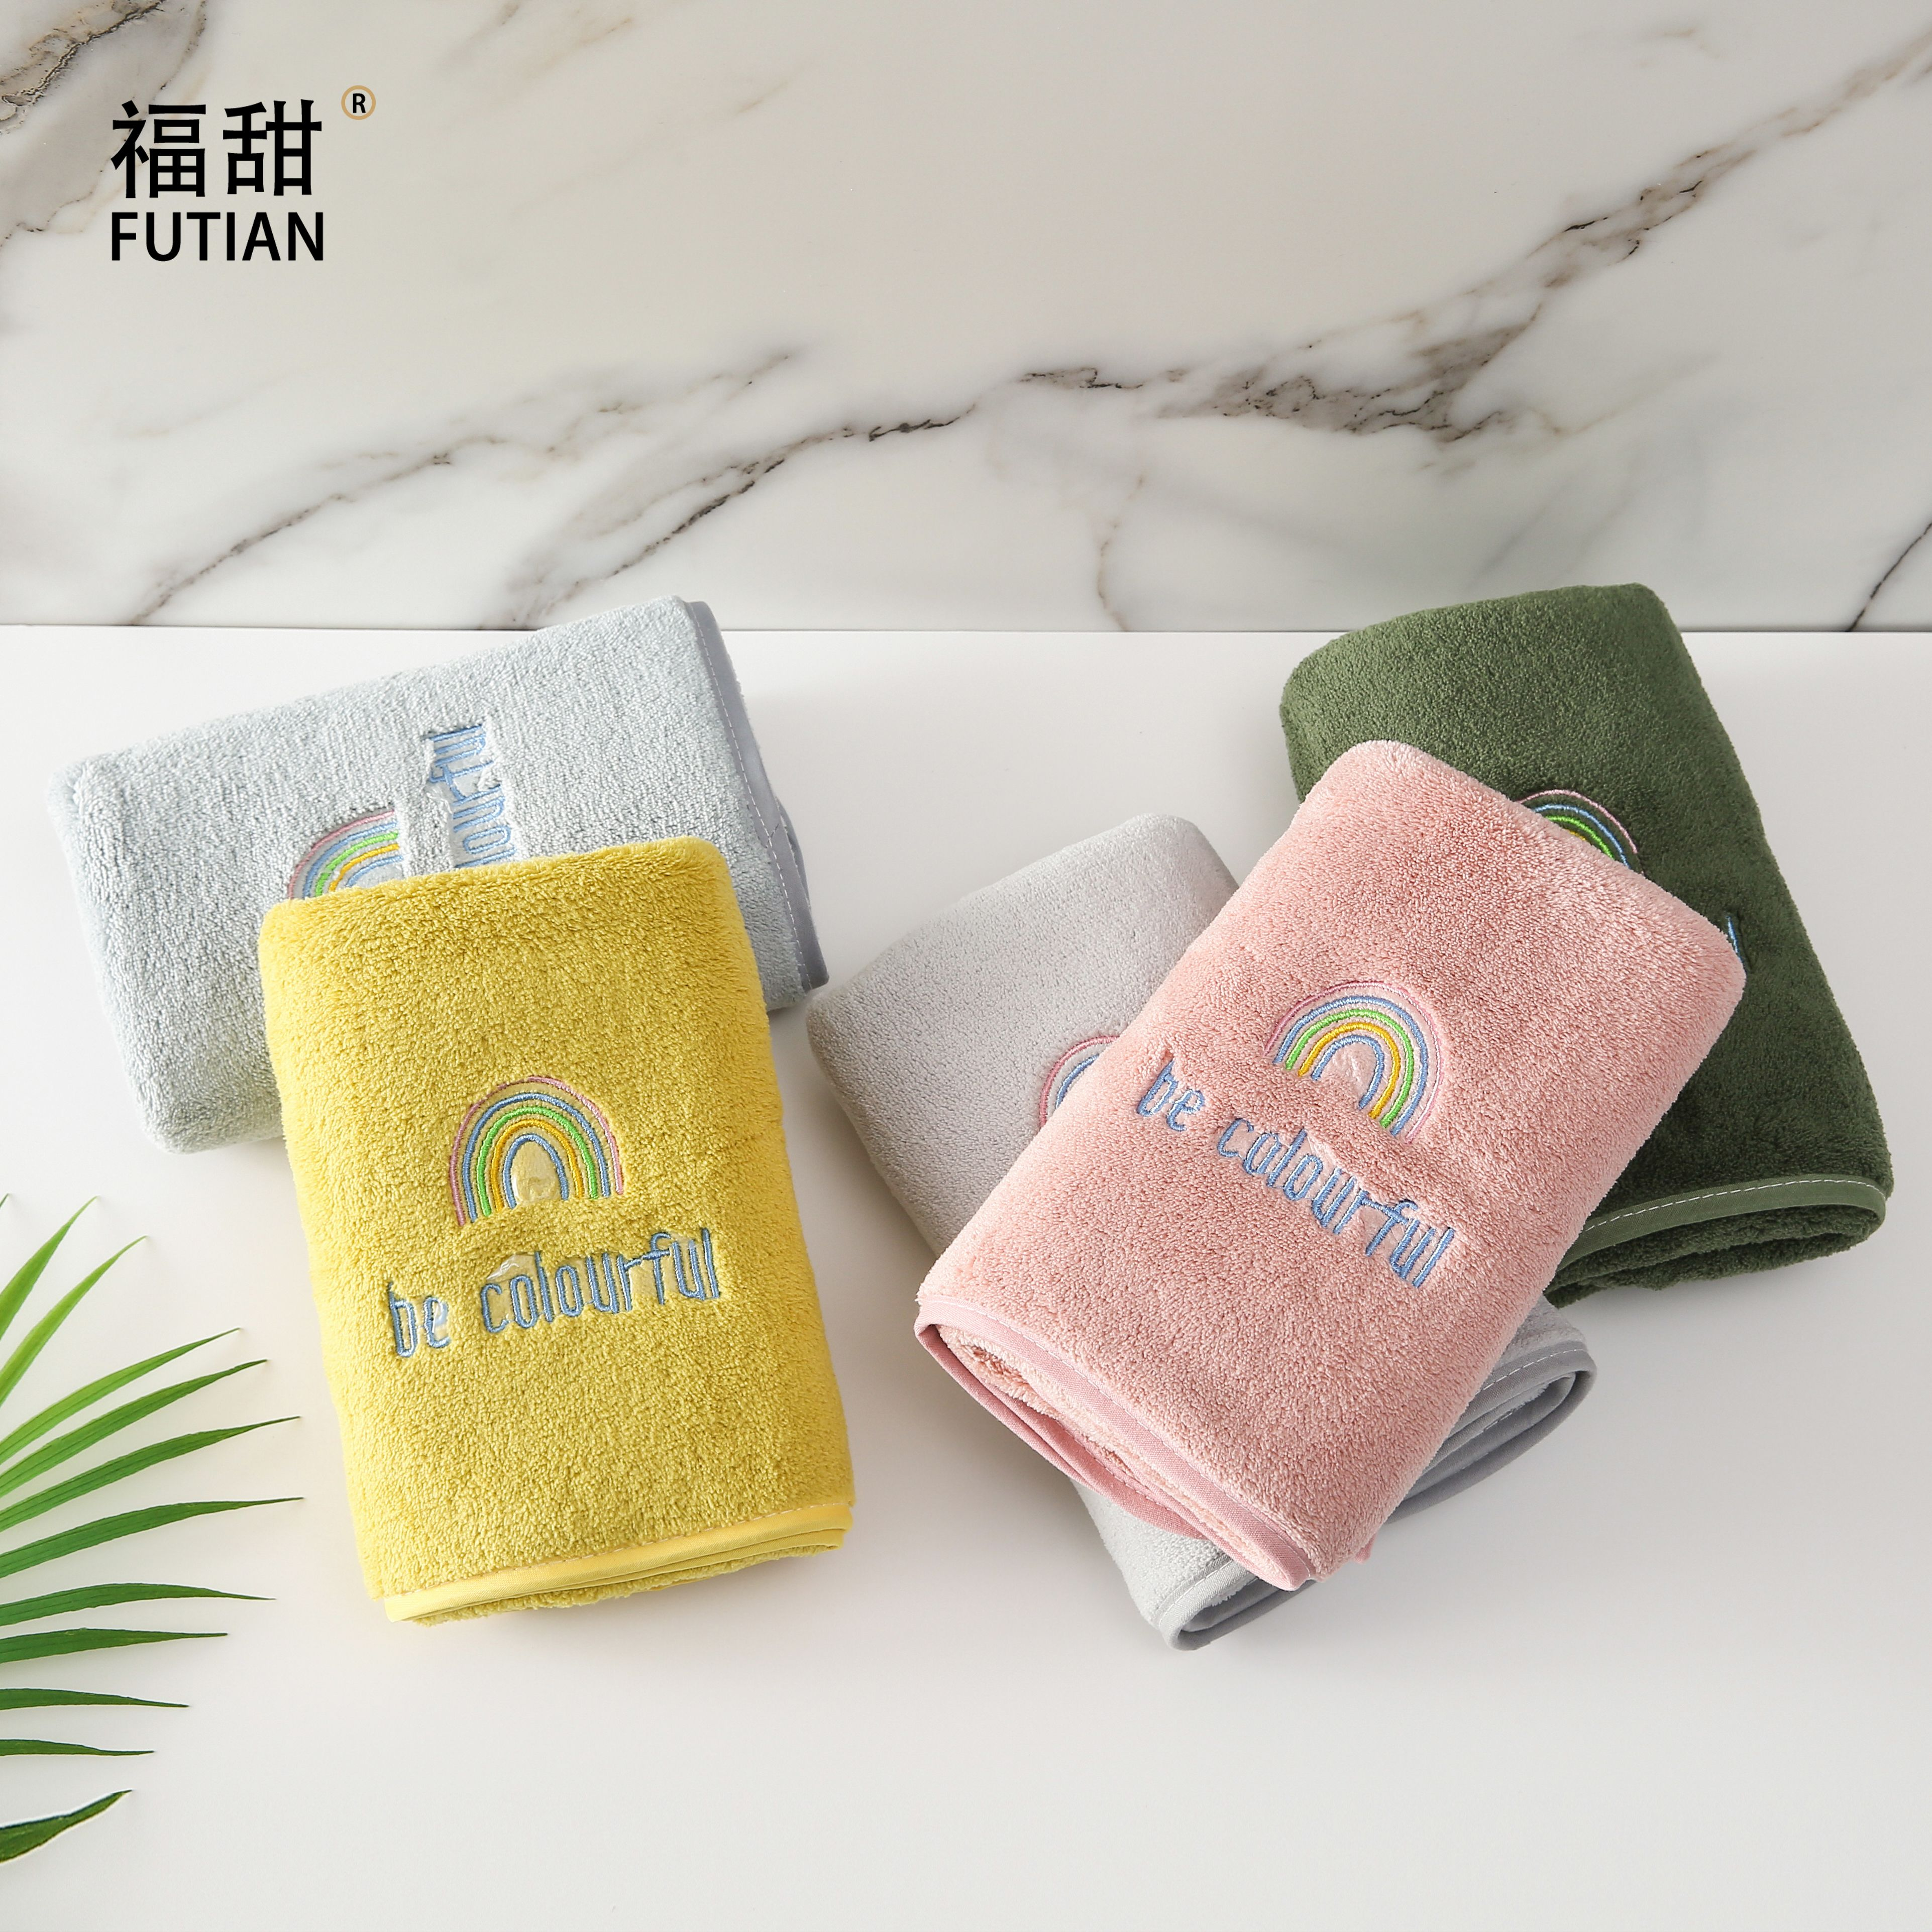 福甜-珊瑚绒彩虹毛巾可爱绣花学生家用成人洗脸巾公司回礼